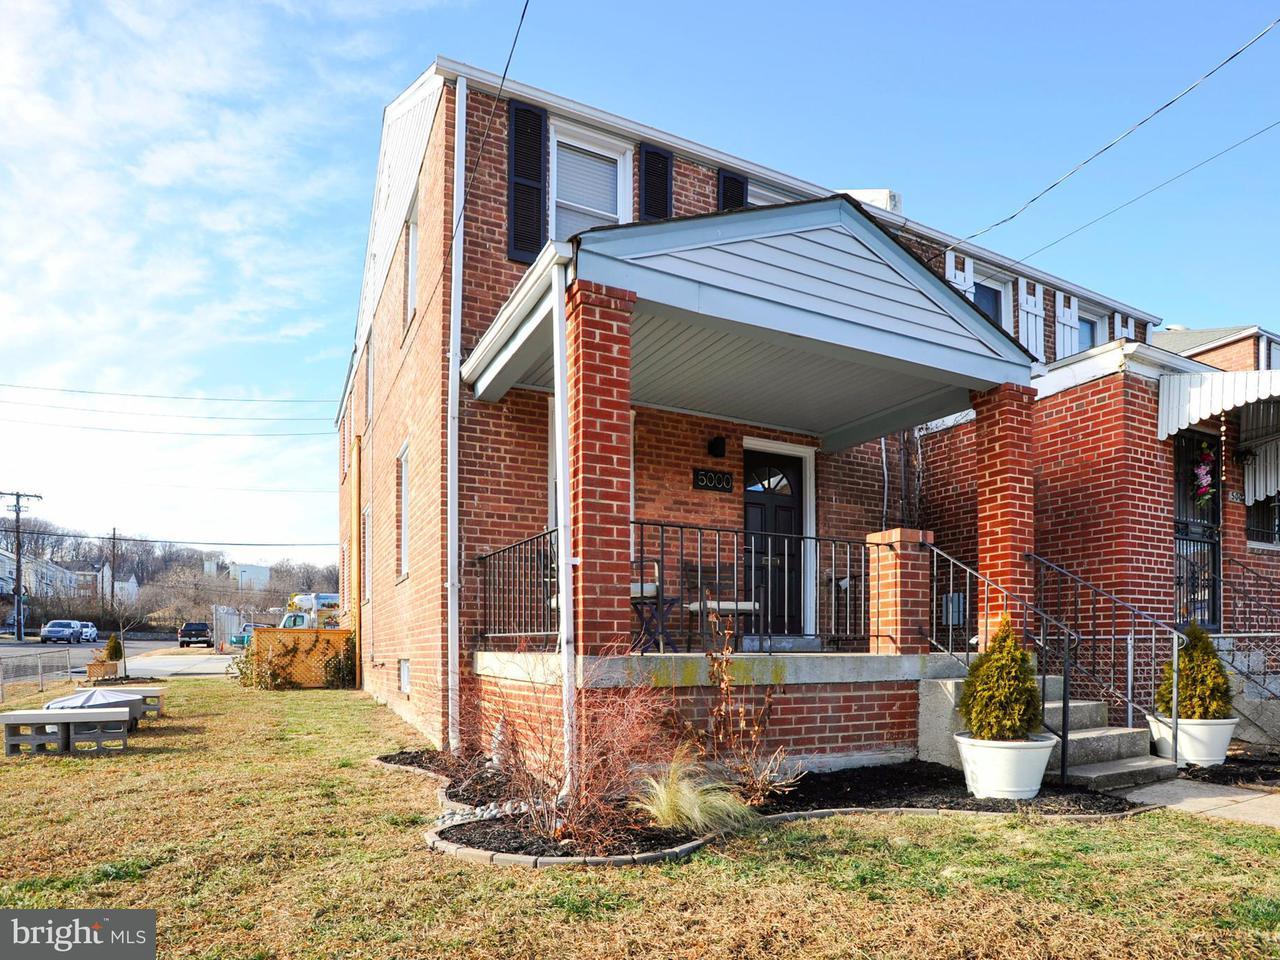 Casa unifamiliar adosada (Townhouse) por un Venta en 5000 6TH PL NE 5000 6TH PL NE Washington, Distrito De Columbia 20017 Estados Unidos